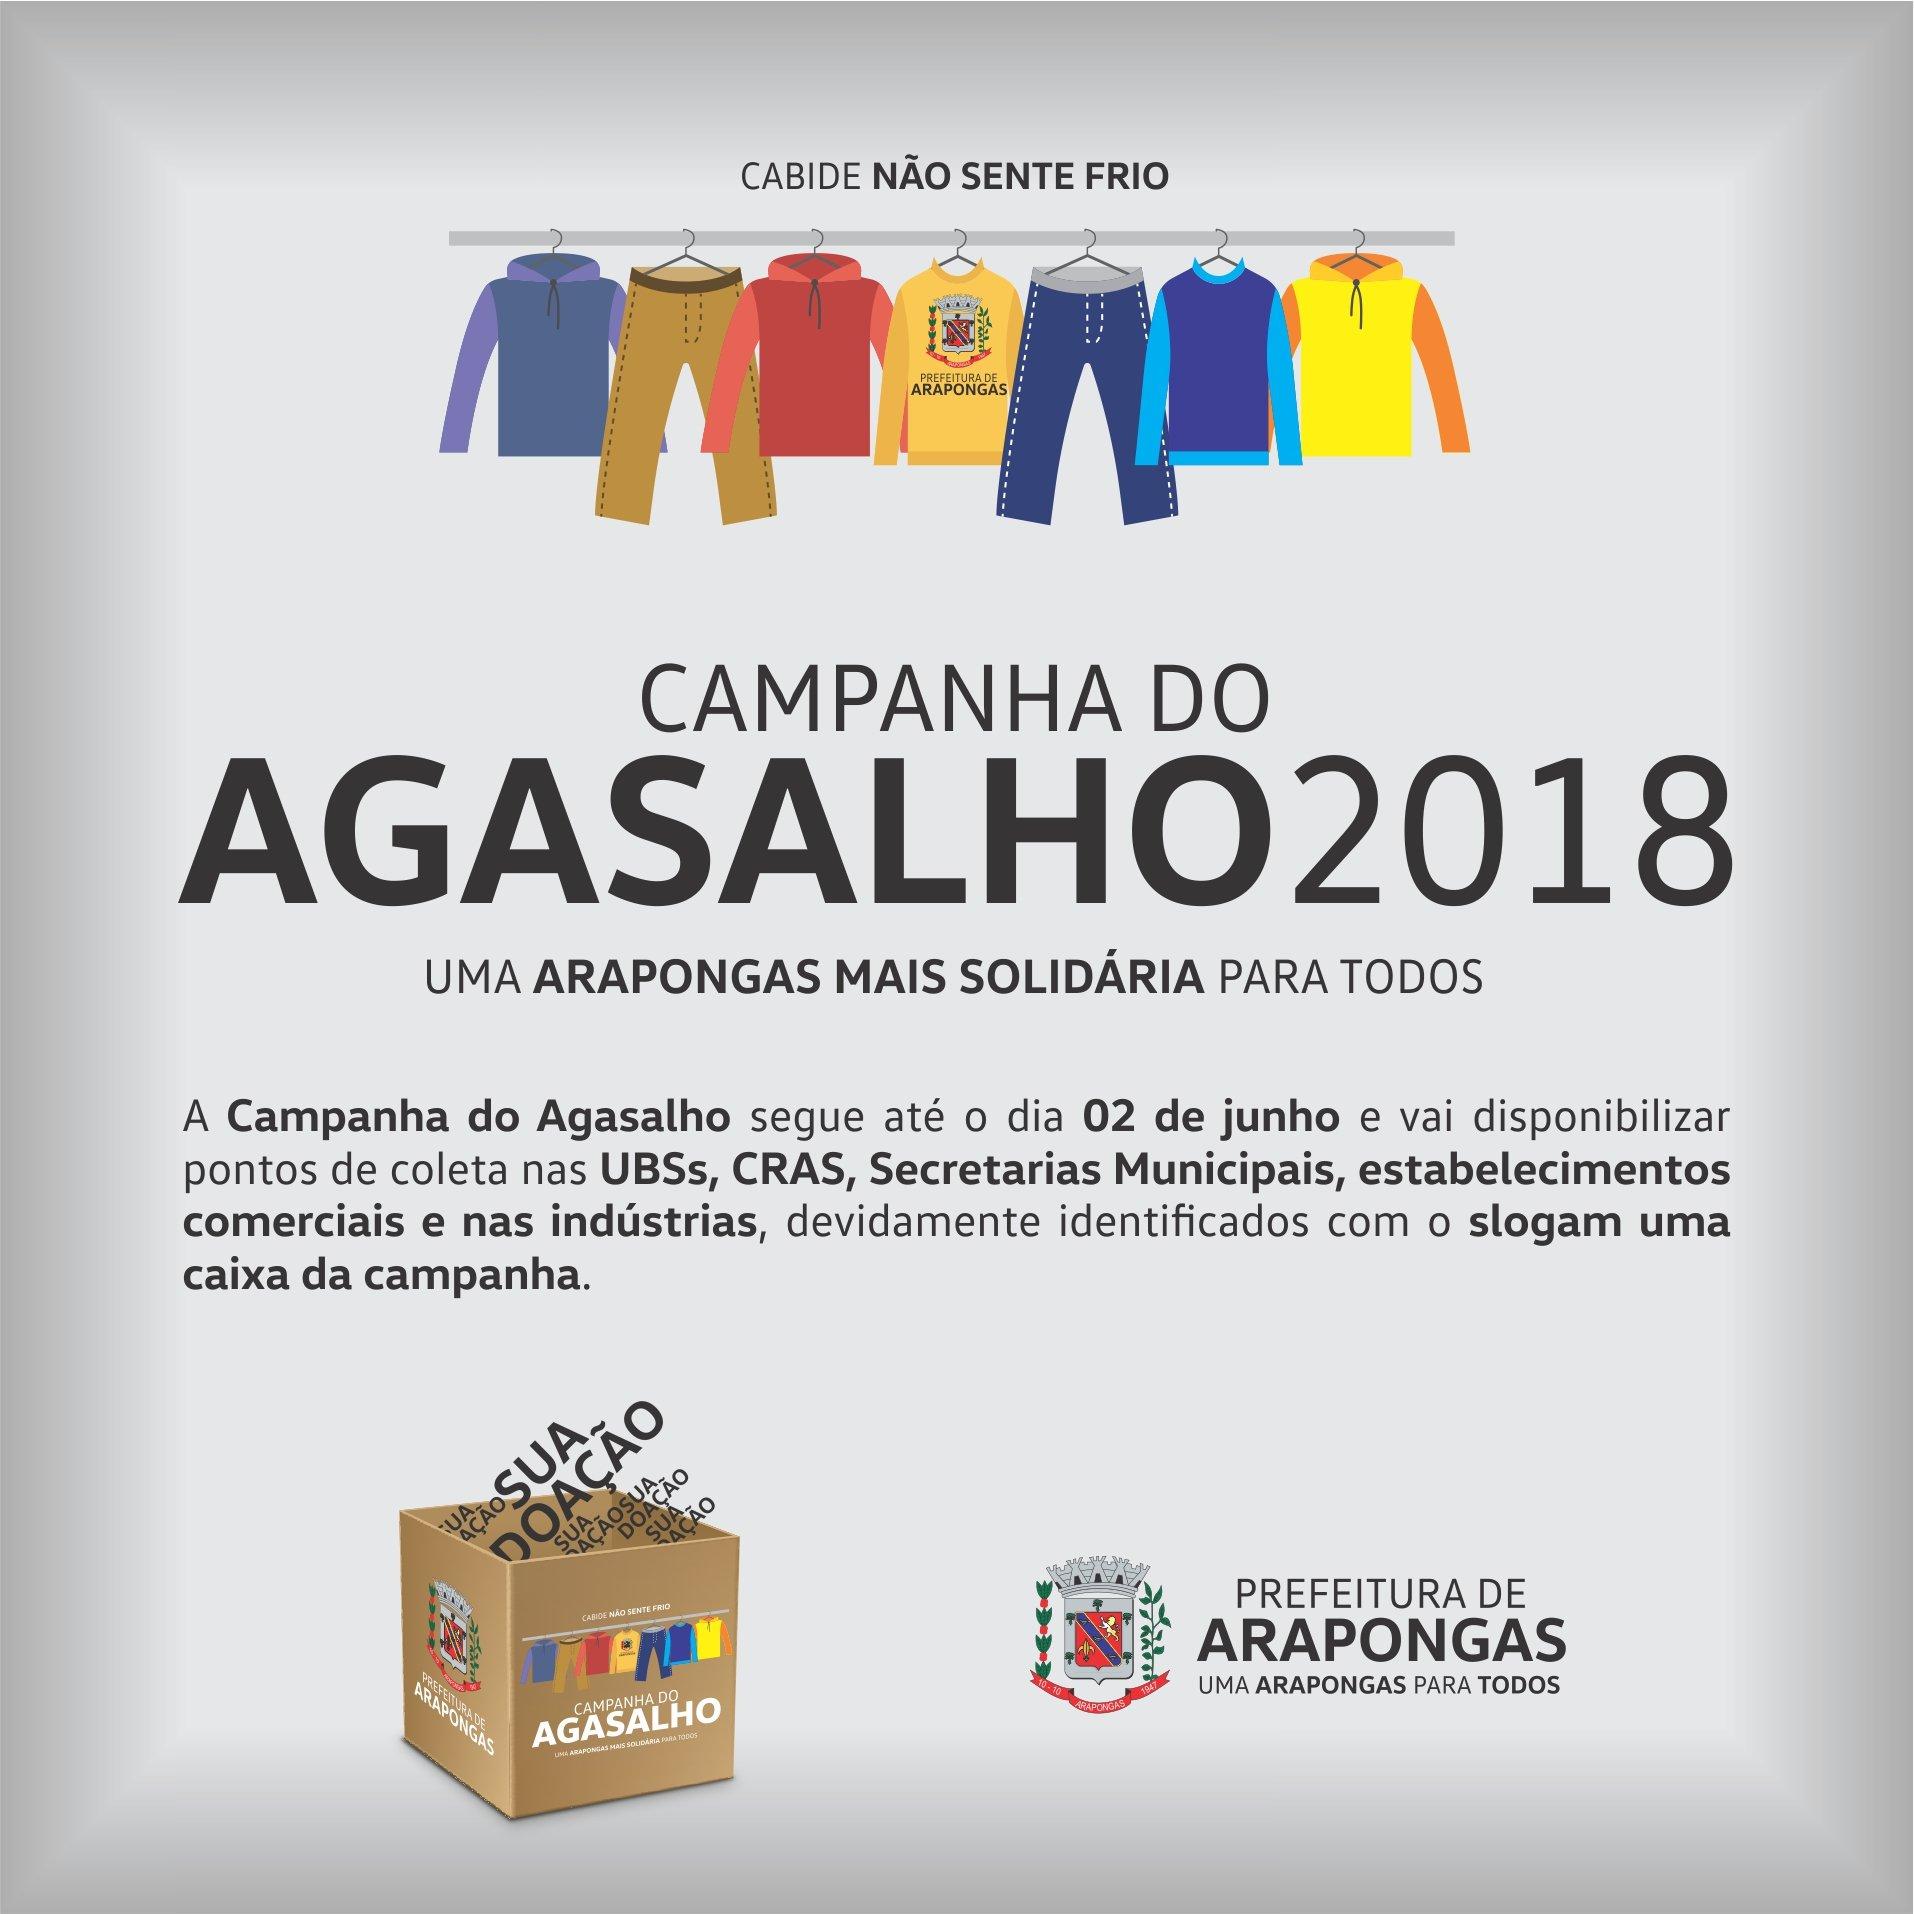 Prefeitura vai lançar Campanha do Agasalho 2018 e83d086d28e34